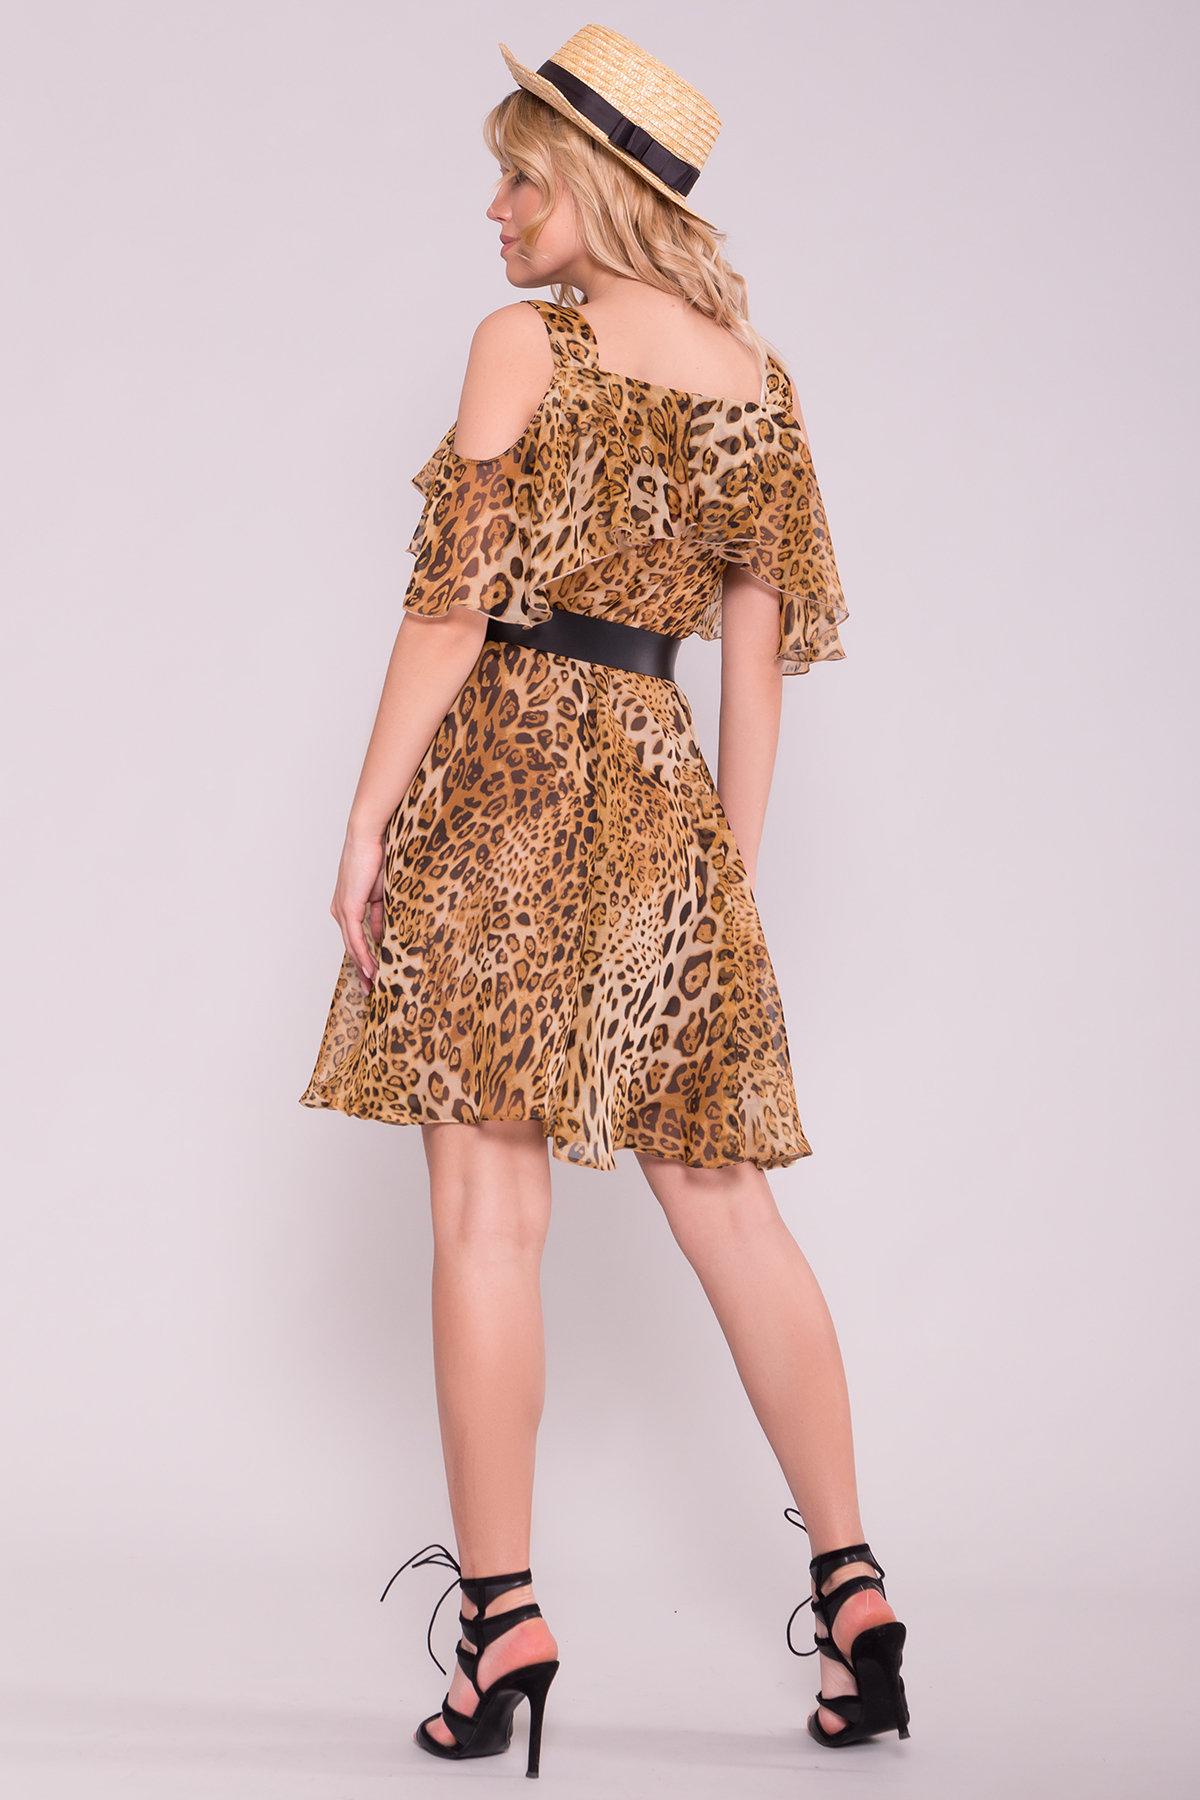 Платье животный принт Нуара 6925 АРТ. 43015 Цвет: Леопард 2 - фото 2, интернет магазин tm-modus.ru